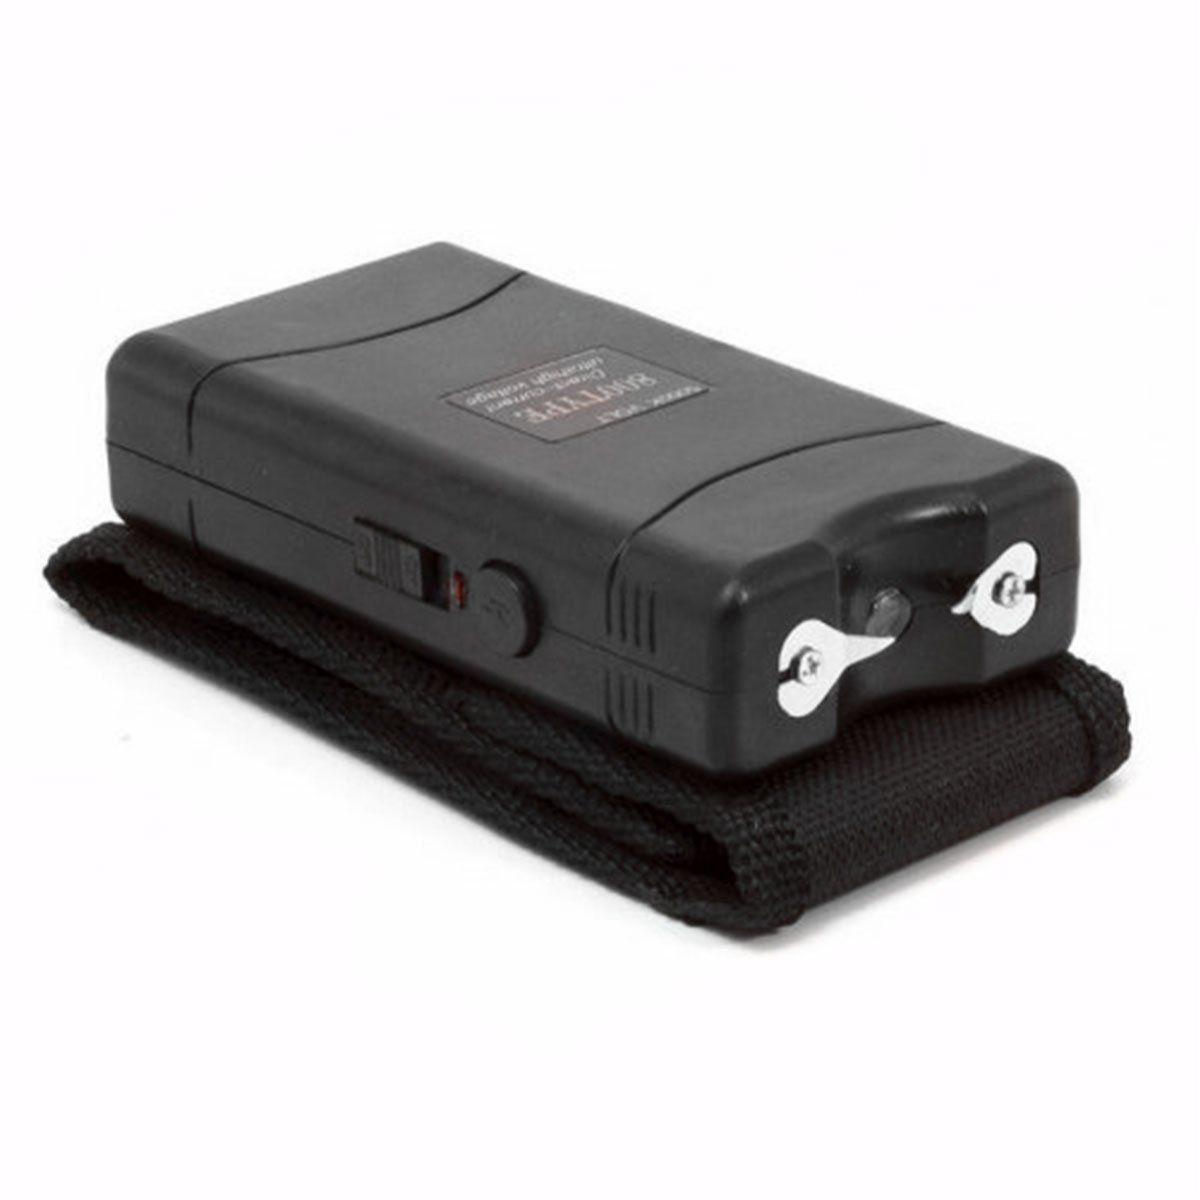 Aparelho de Choque Recarregável 800 Type 25000 Volt